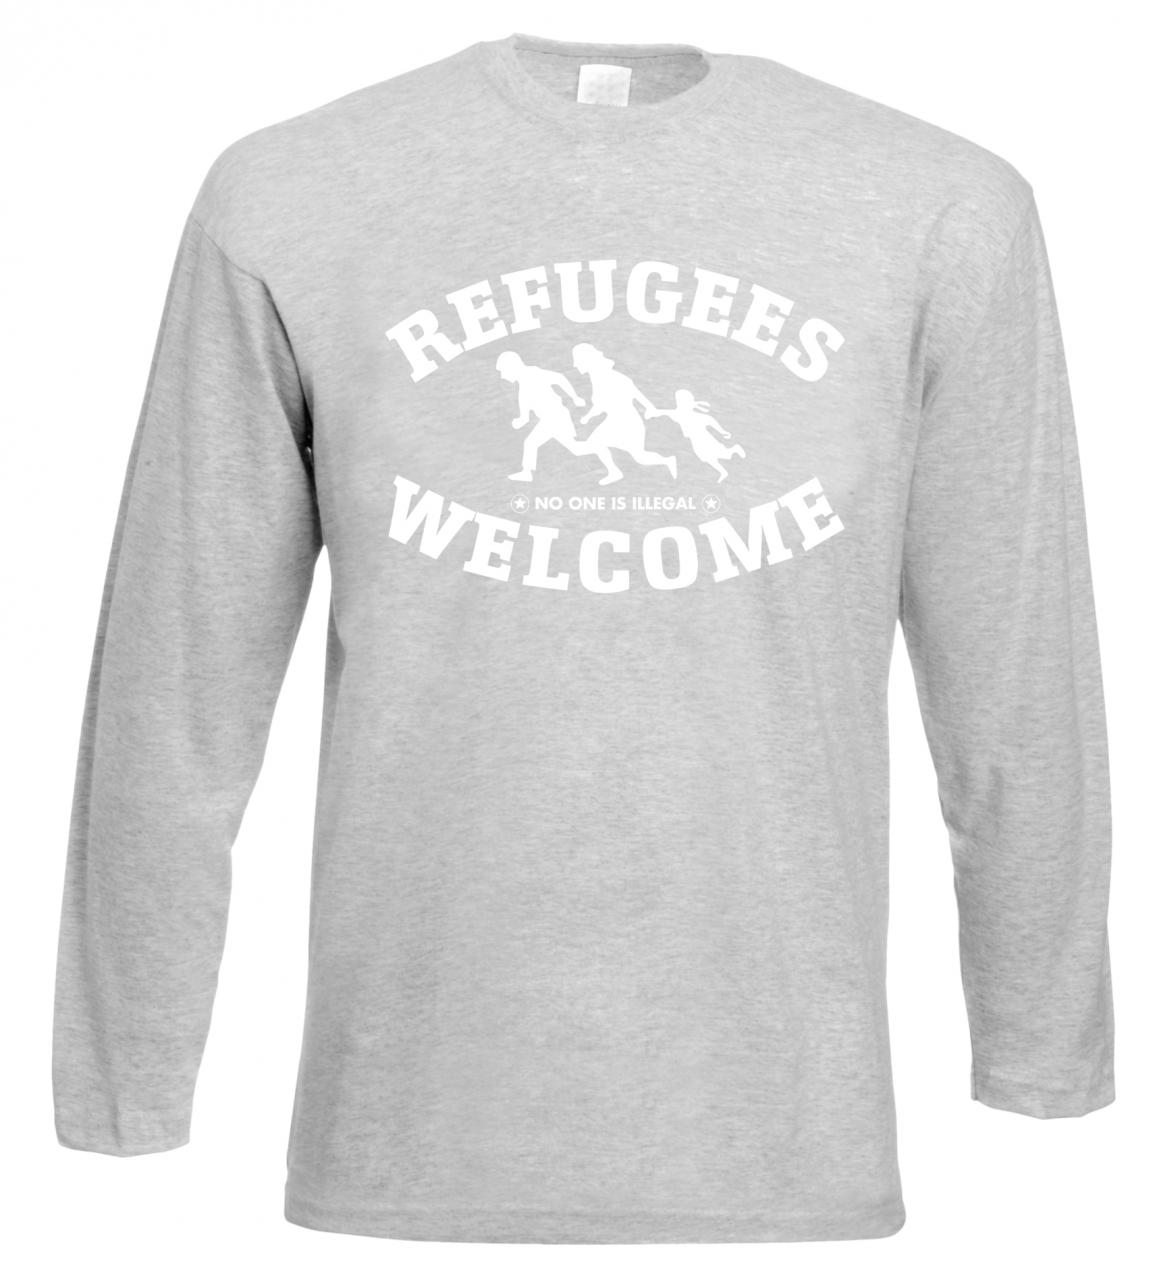 Refugees welcome Langarm Shirt Grau mit weißer Aufschrift - No one is illegal